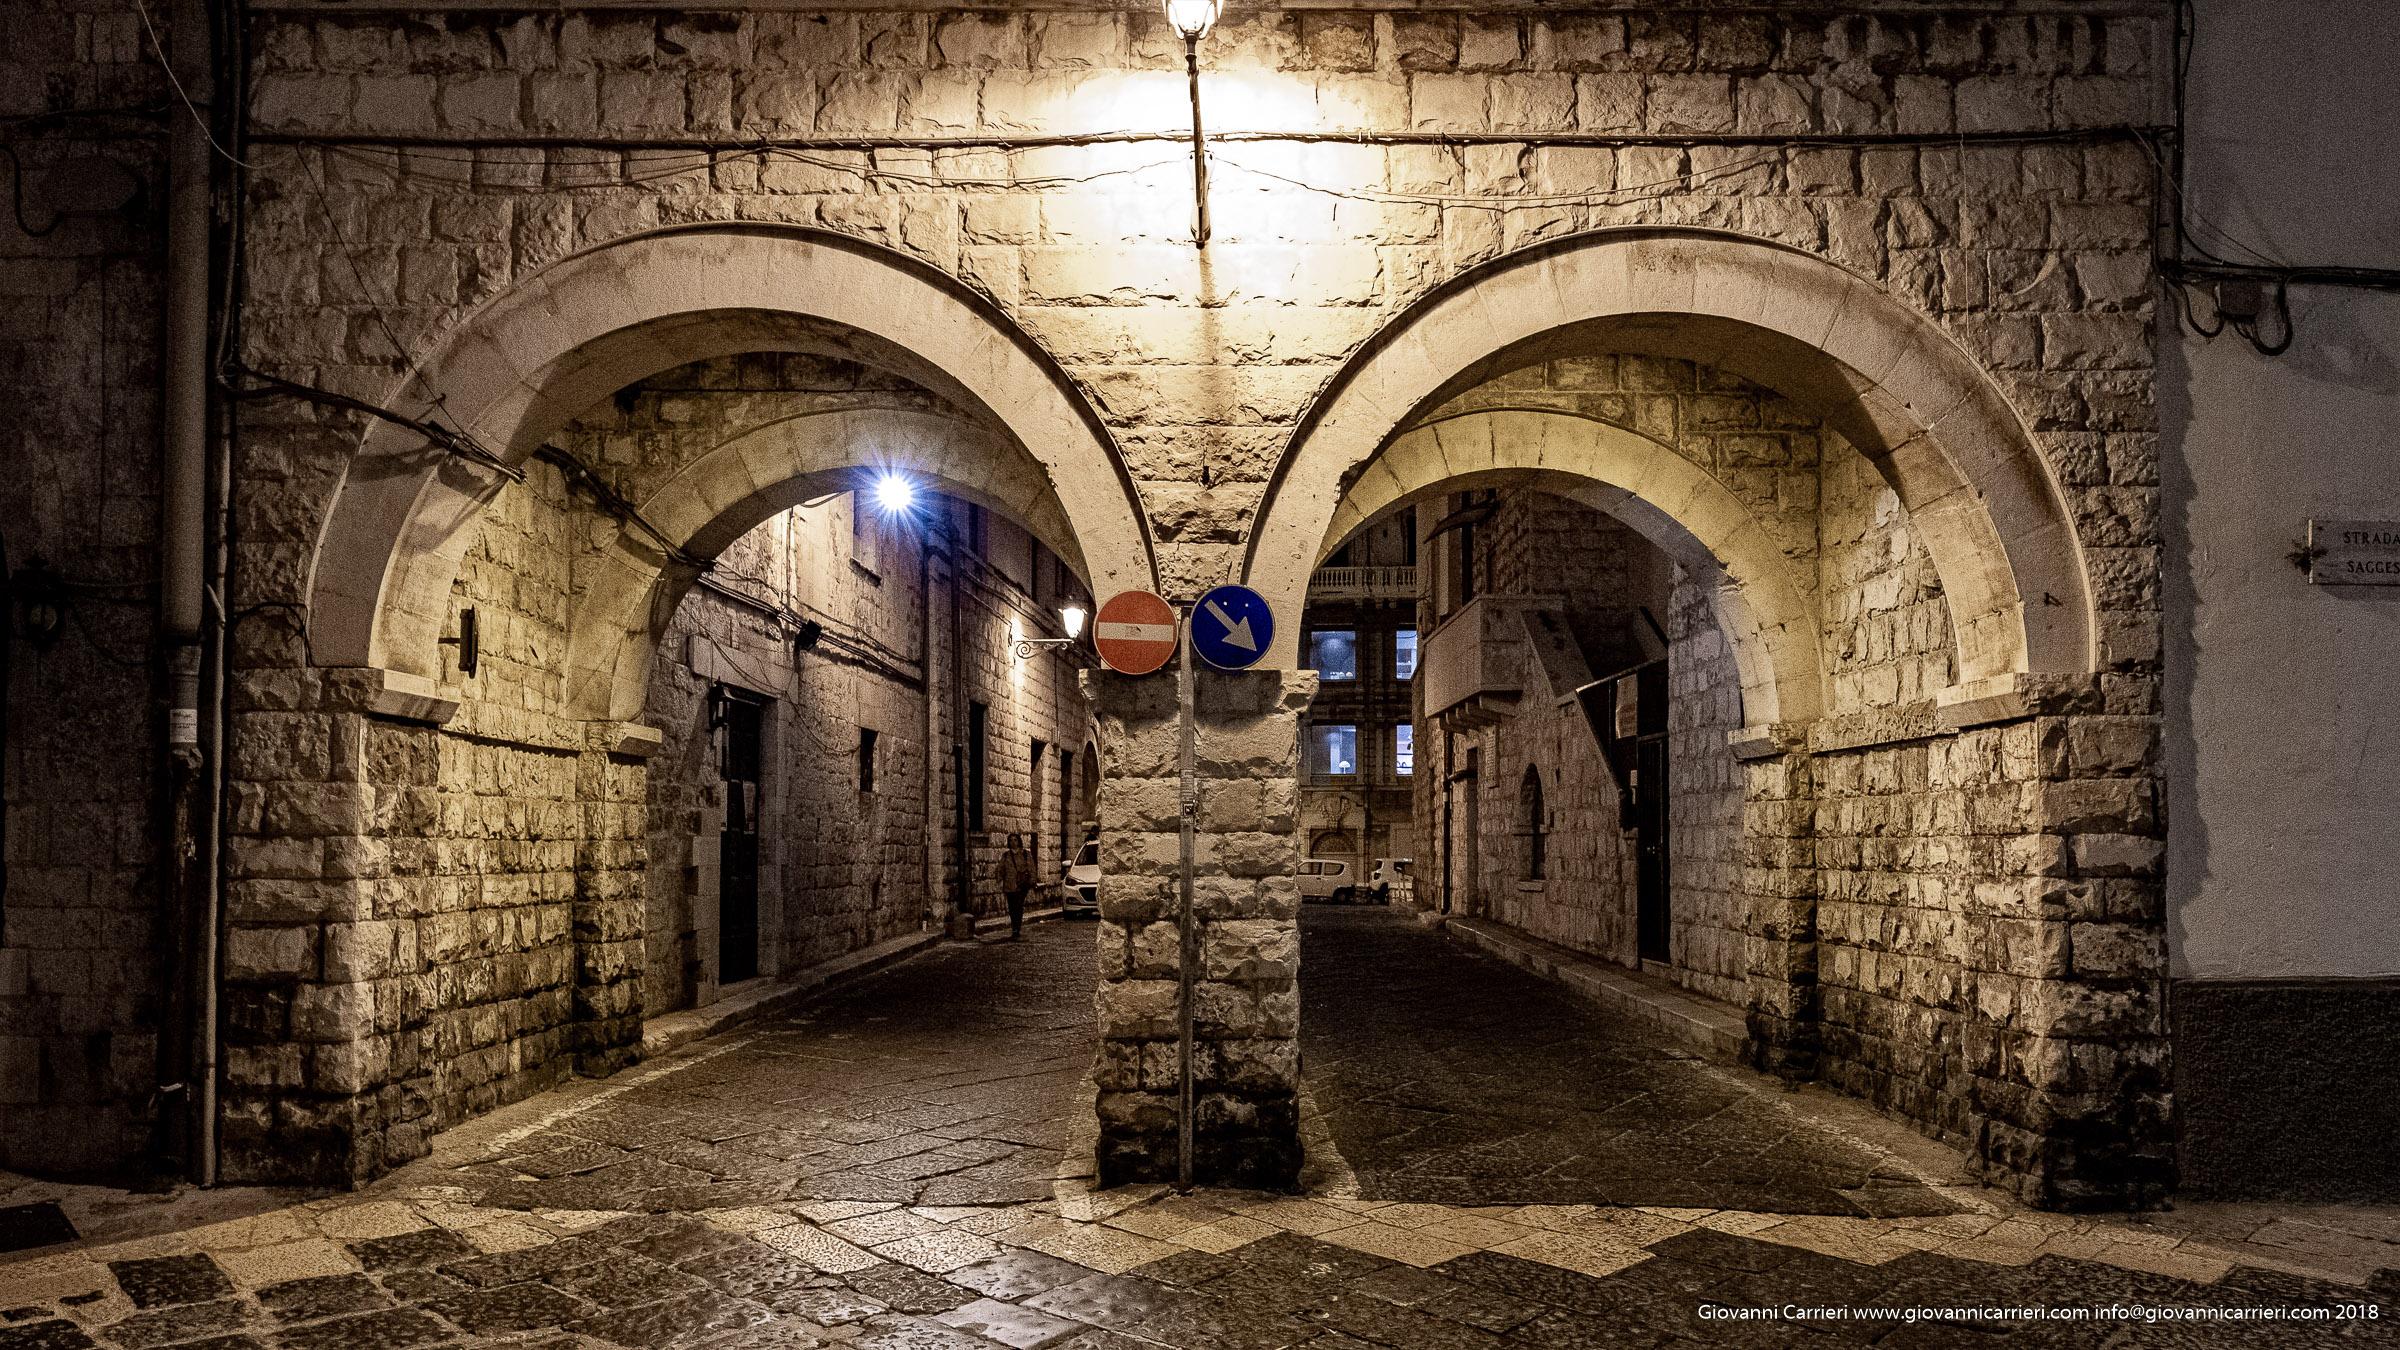 Strade in città - Bari vecchia